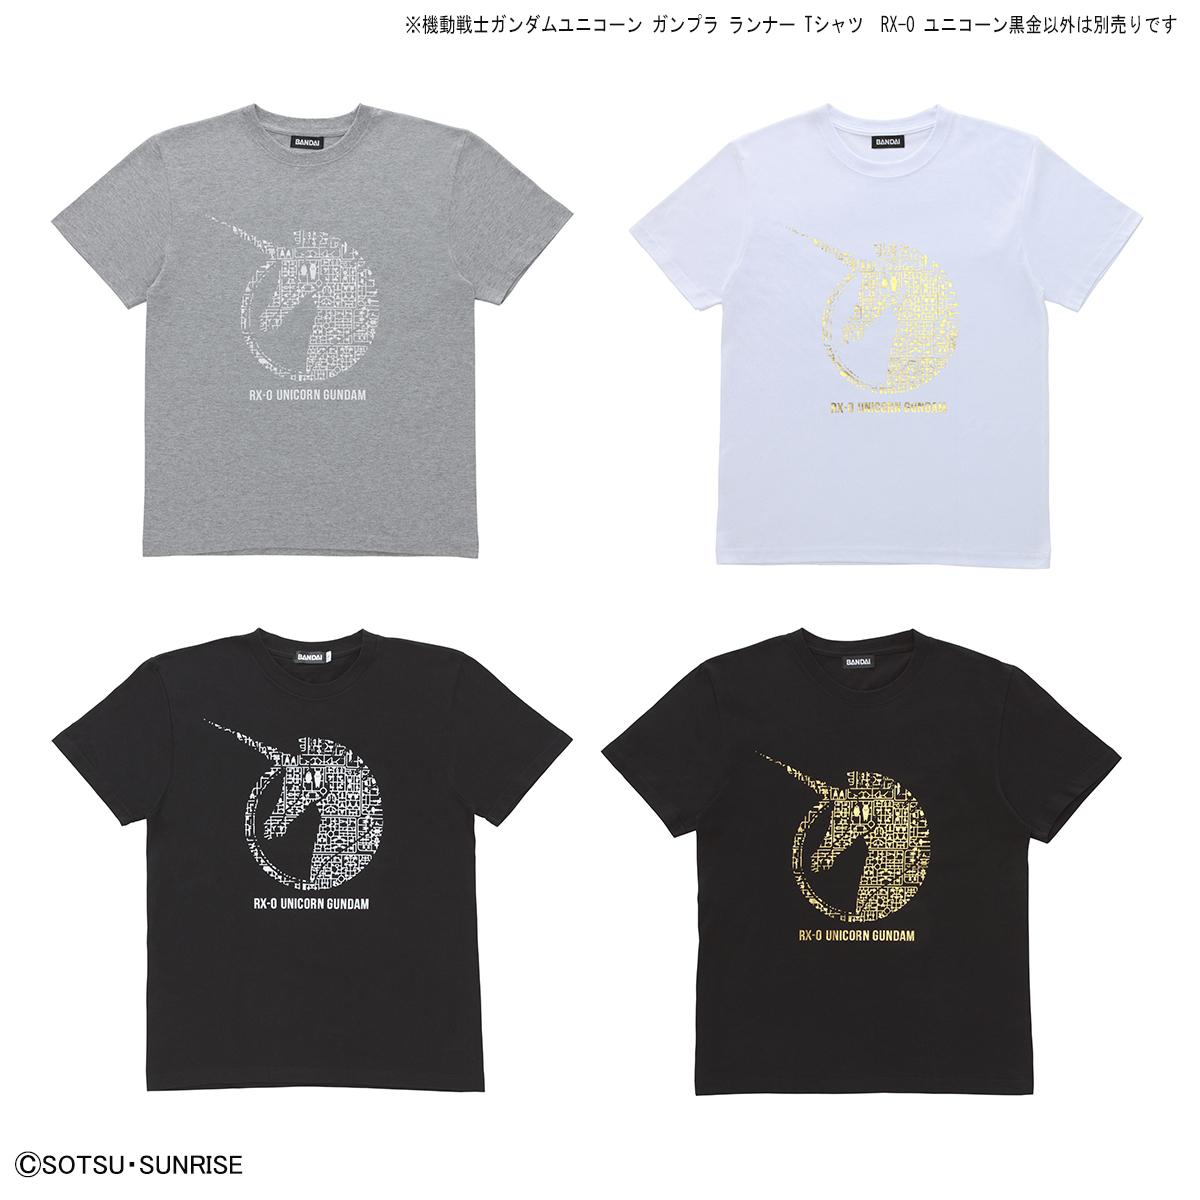 機動戦士ガンダムユニコーン ガンプラ ランナー Tシャツ  RX-0 ユニコーン黒金 商品画像